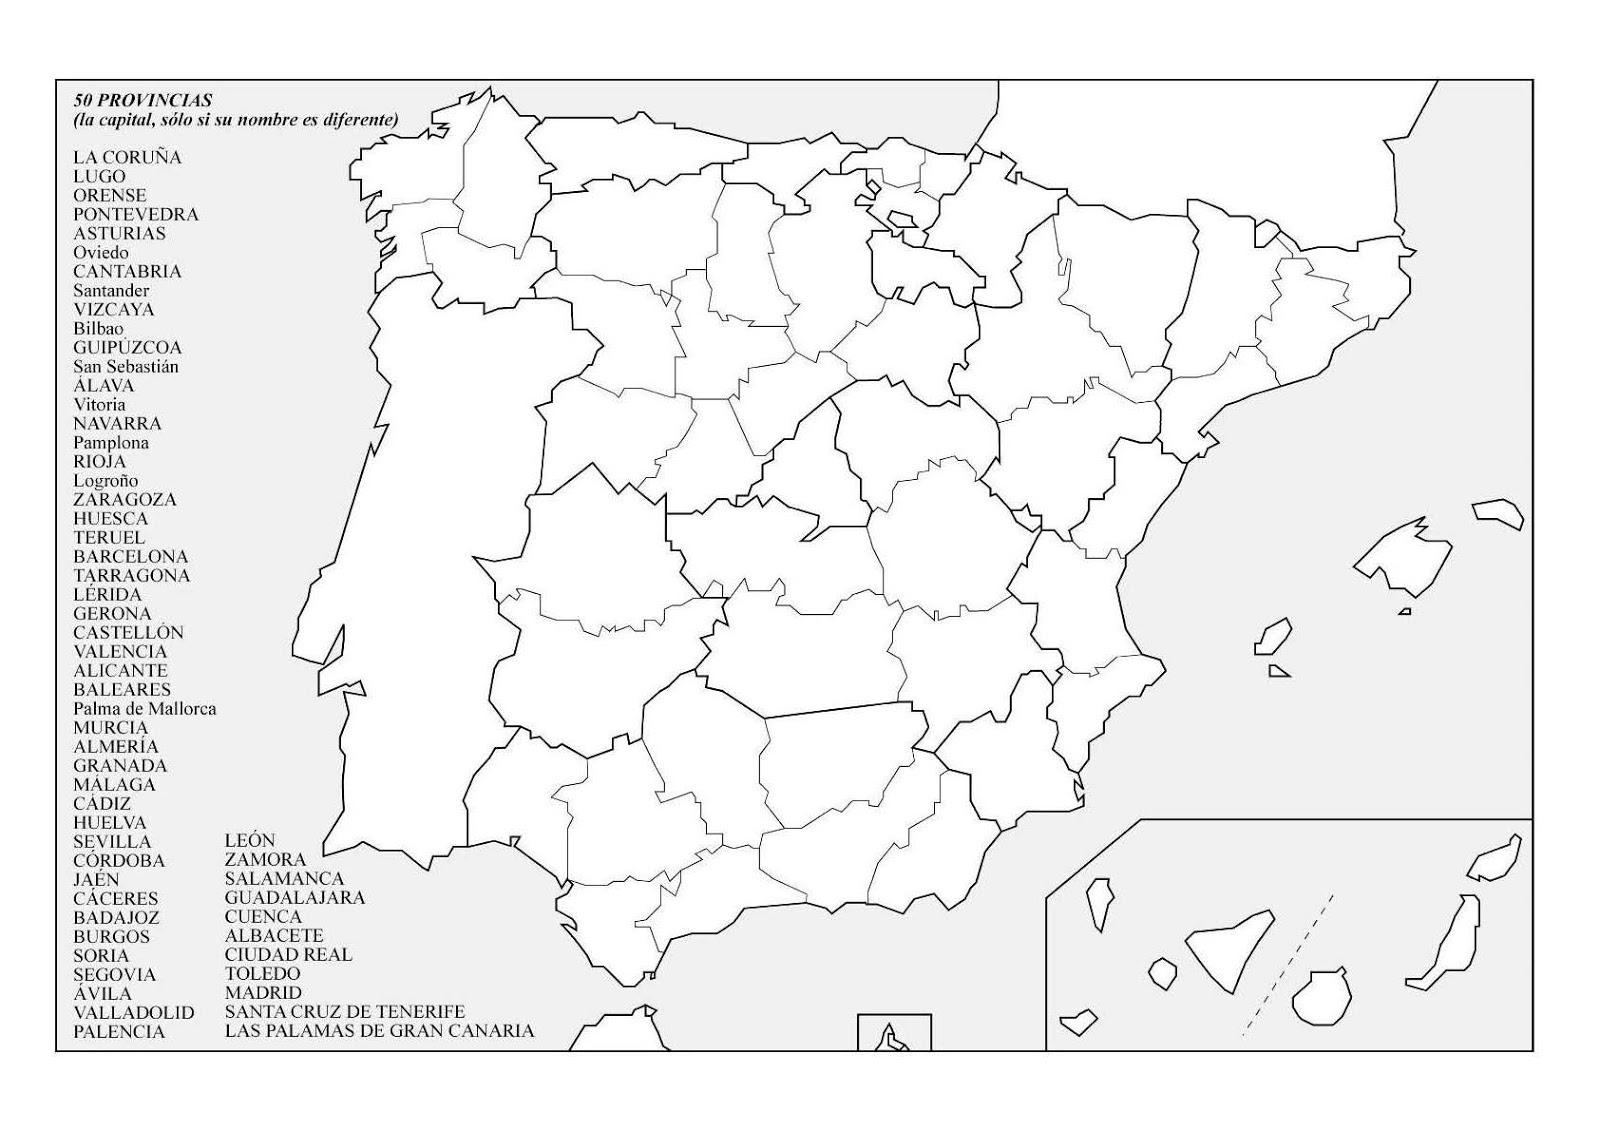 Mapas Fsicos Y Polticos  Ensear y aprender Geografa e Historia